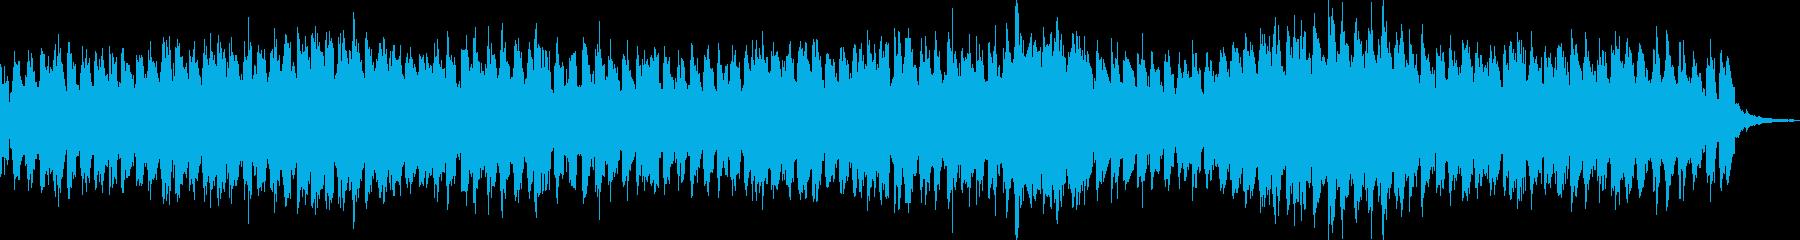 不思議な世界観で独特なメロディーの再生済みの波形